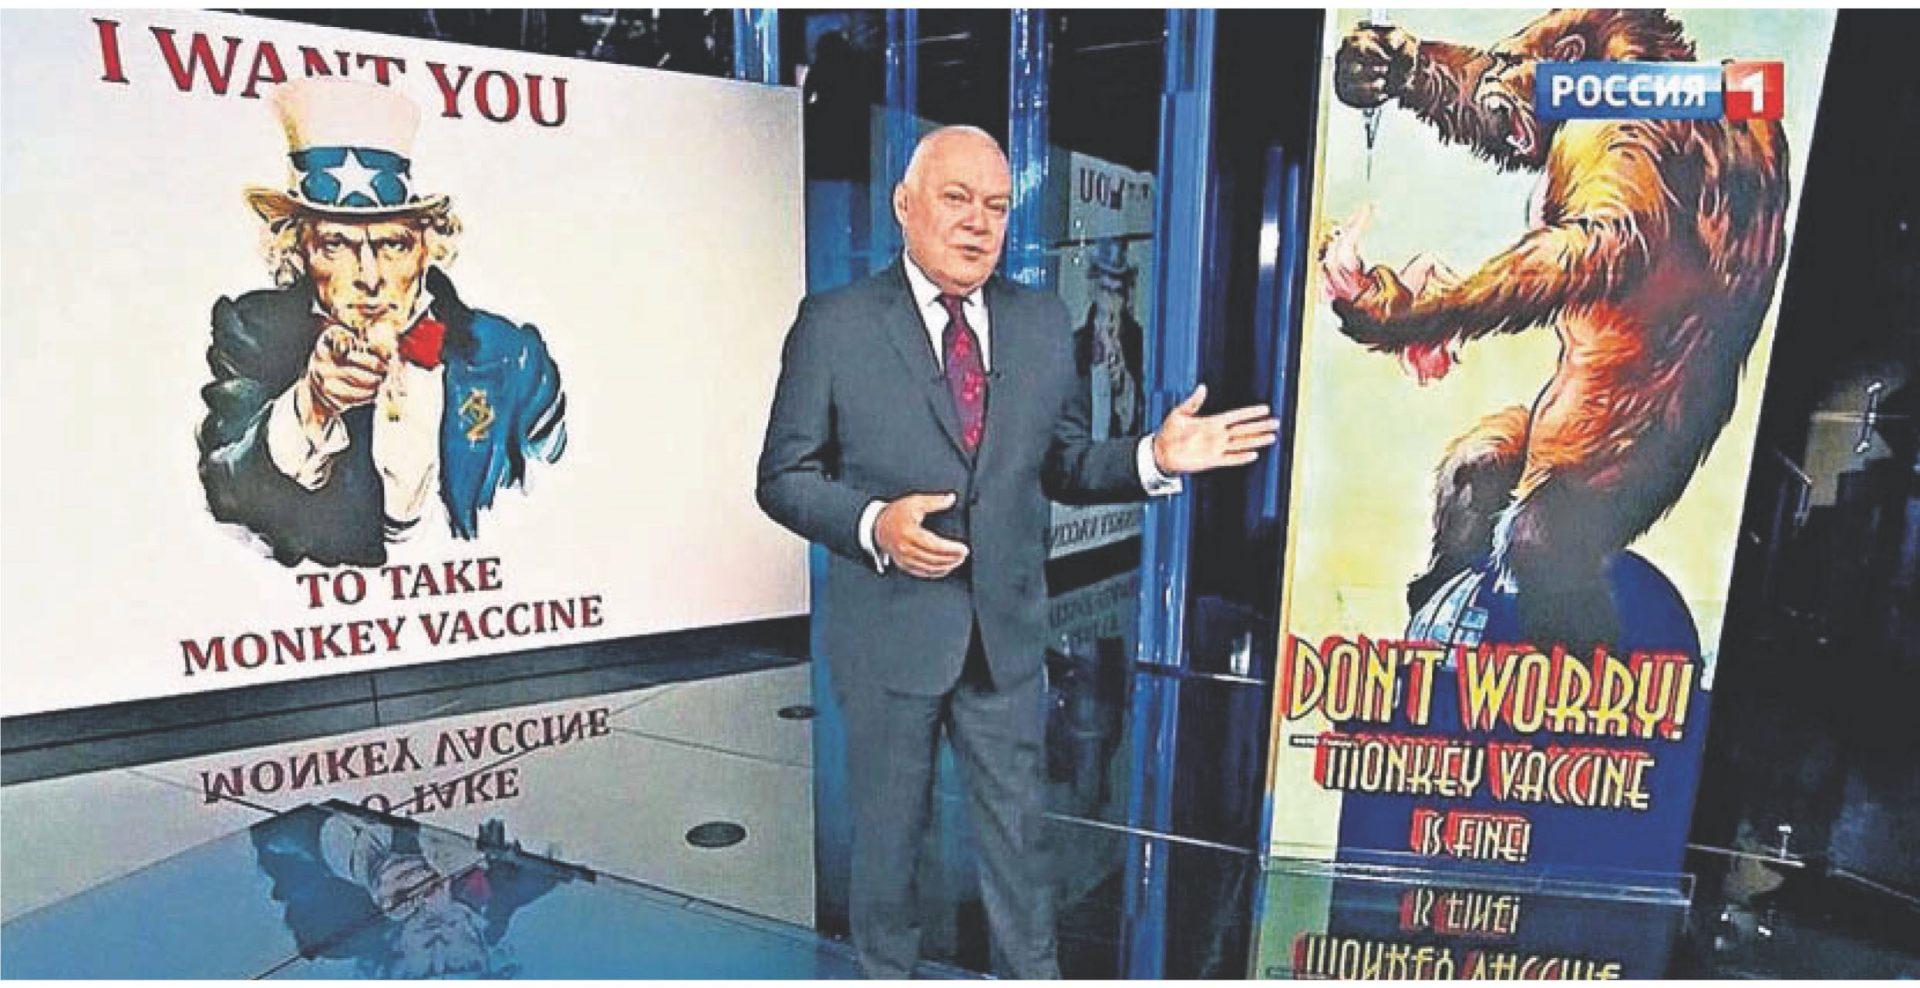 Rusia susține că vaccinul britanic anti-COVID îi va transforma pe oameni în maimuțe